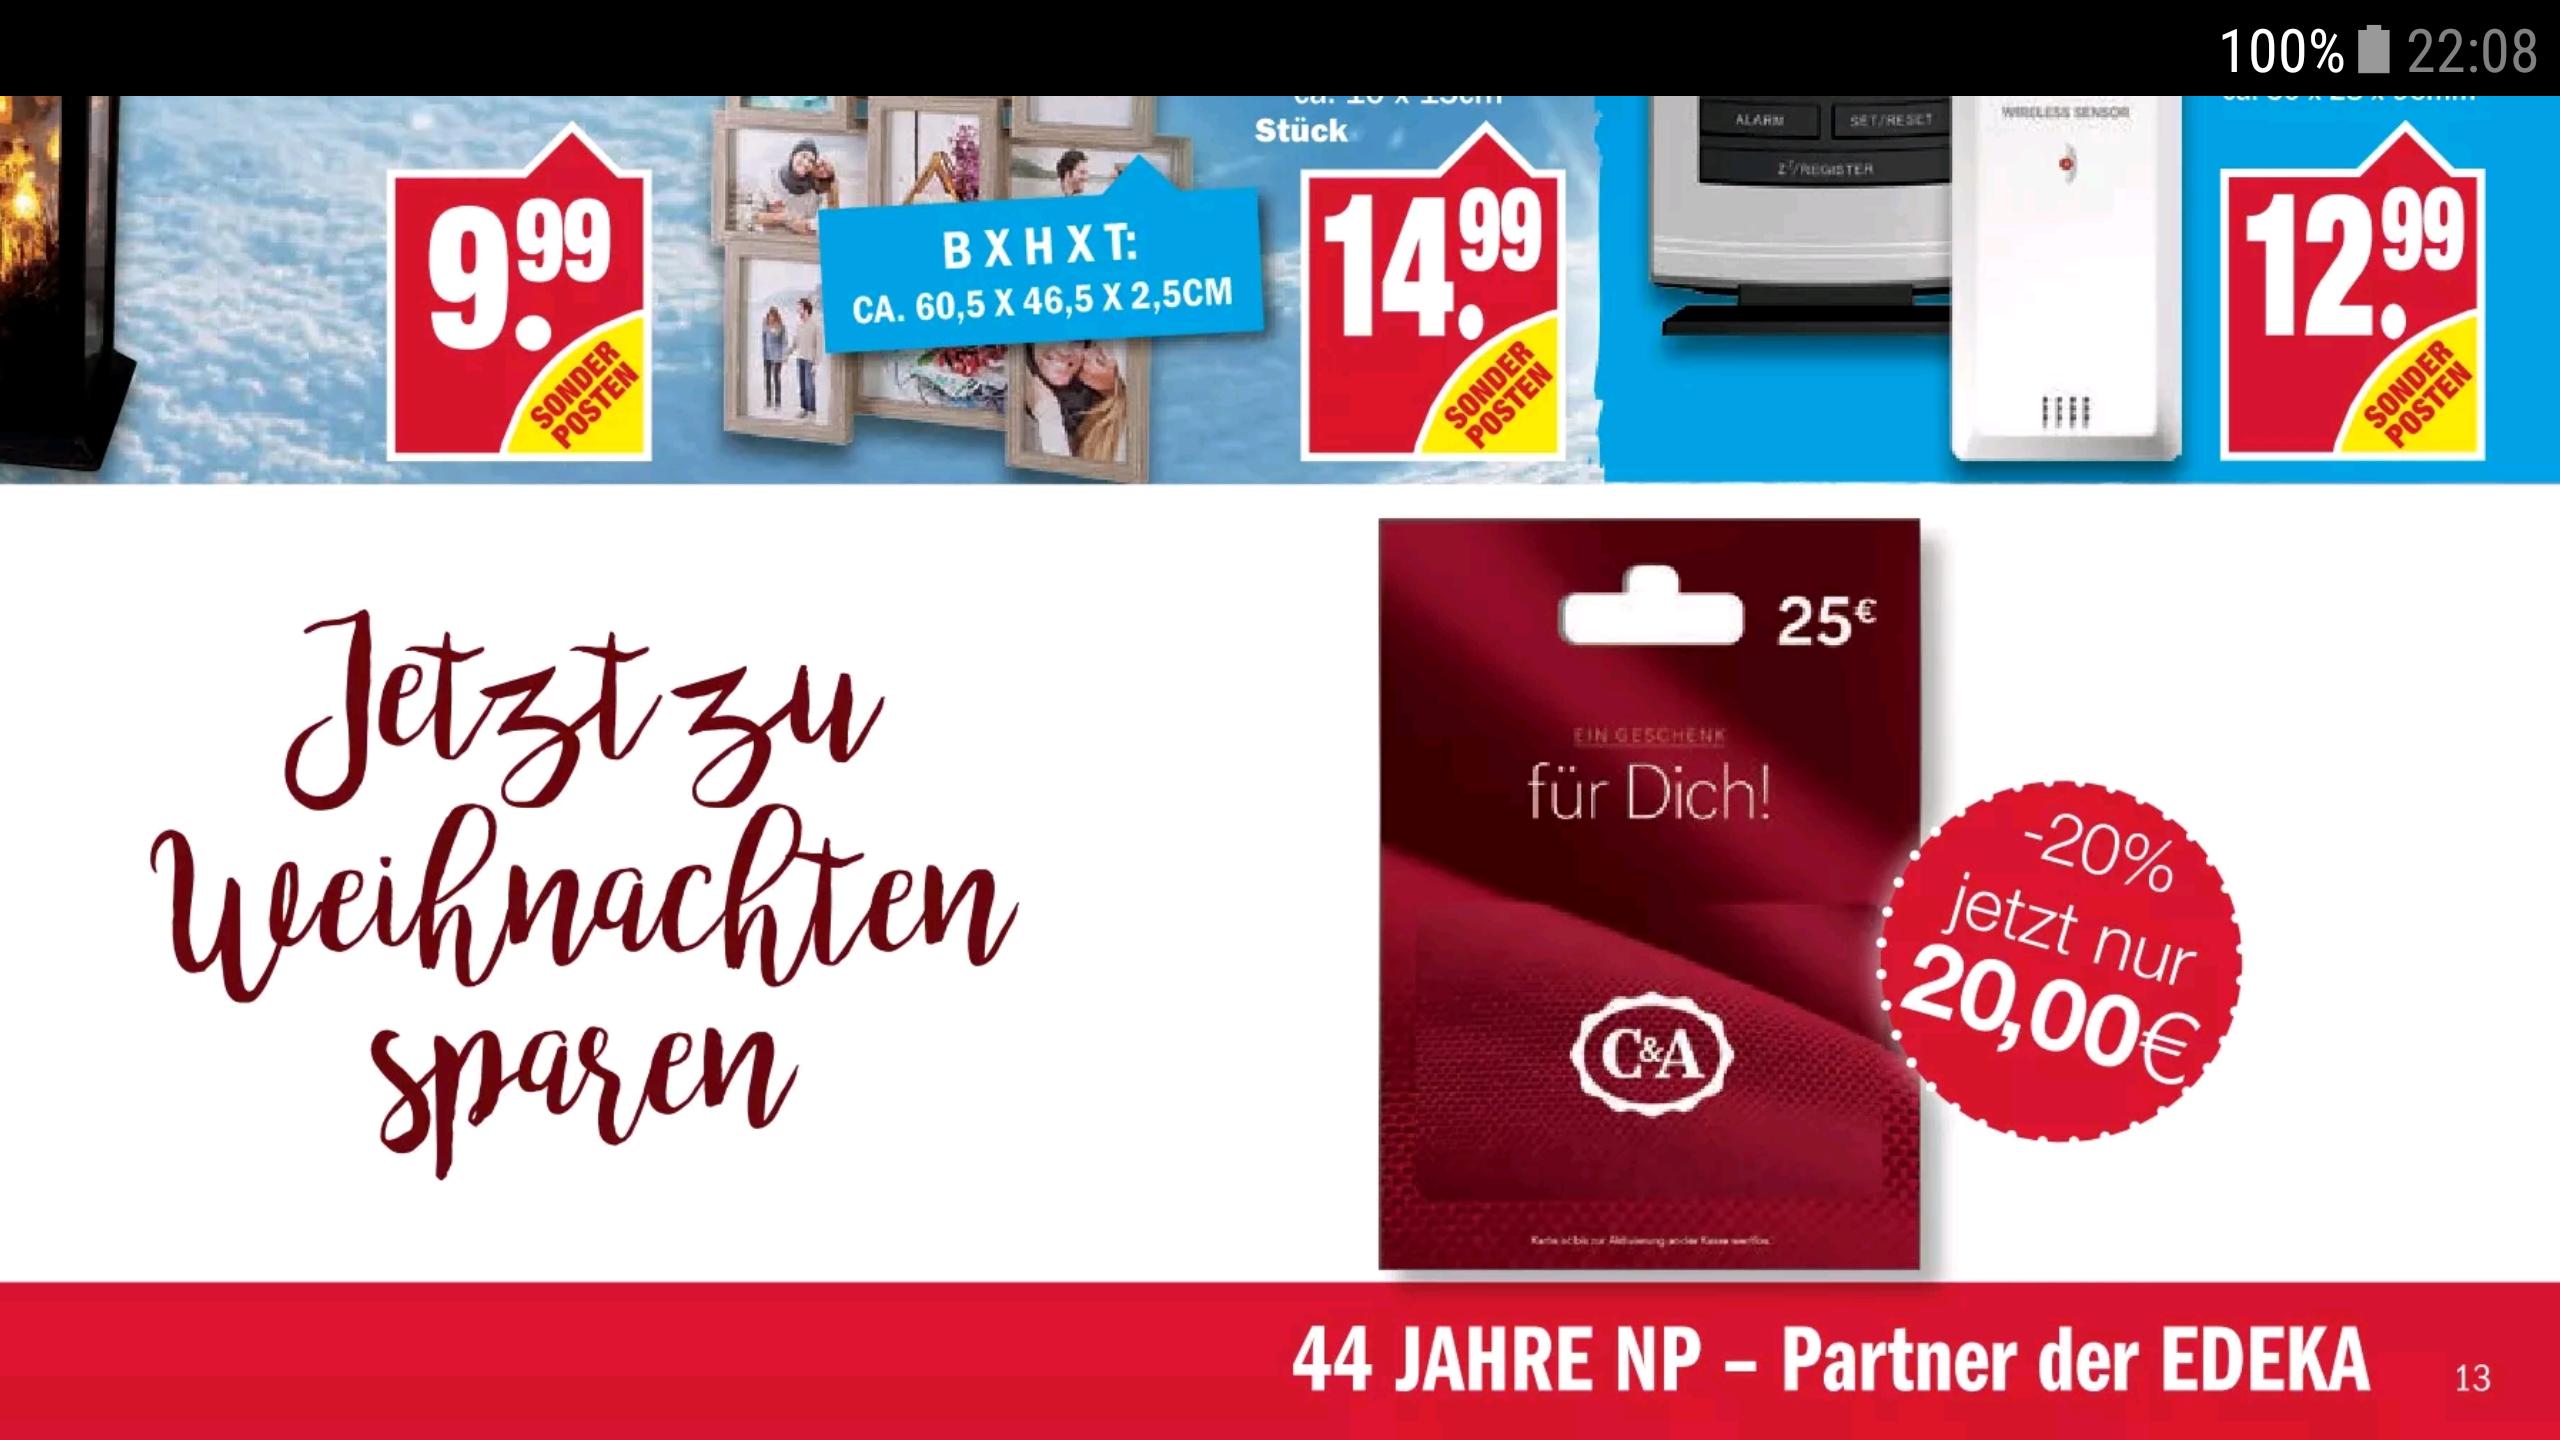 C&A -20% auf 25€ Guthabenkarte bei EDEKA (Marktkauf, NP und weitere Partner)